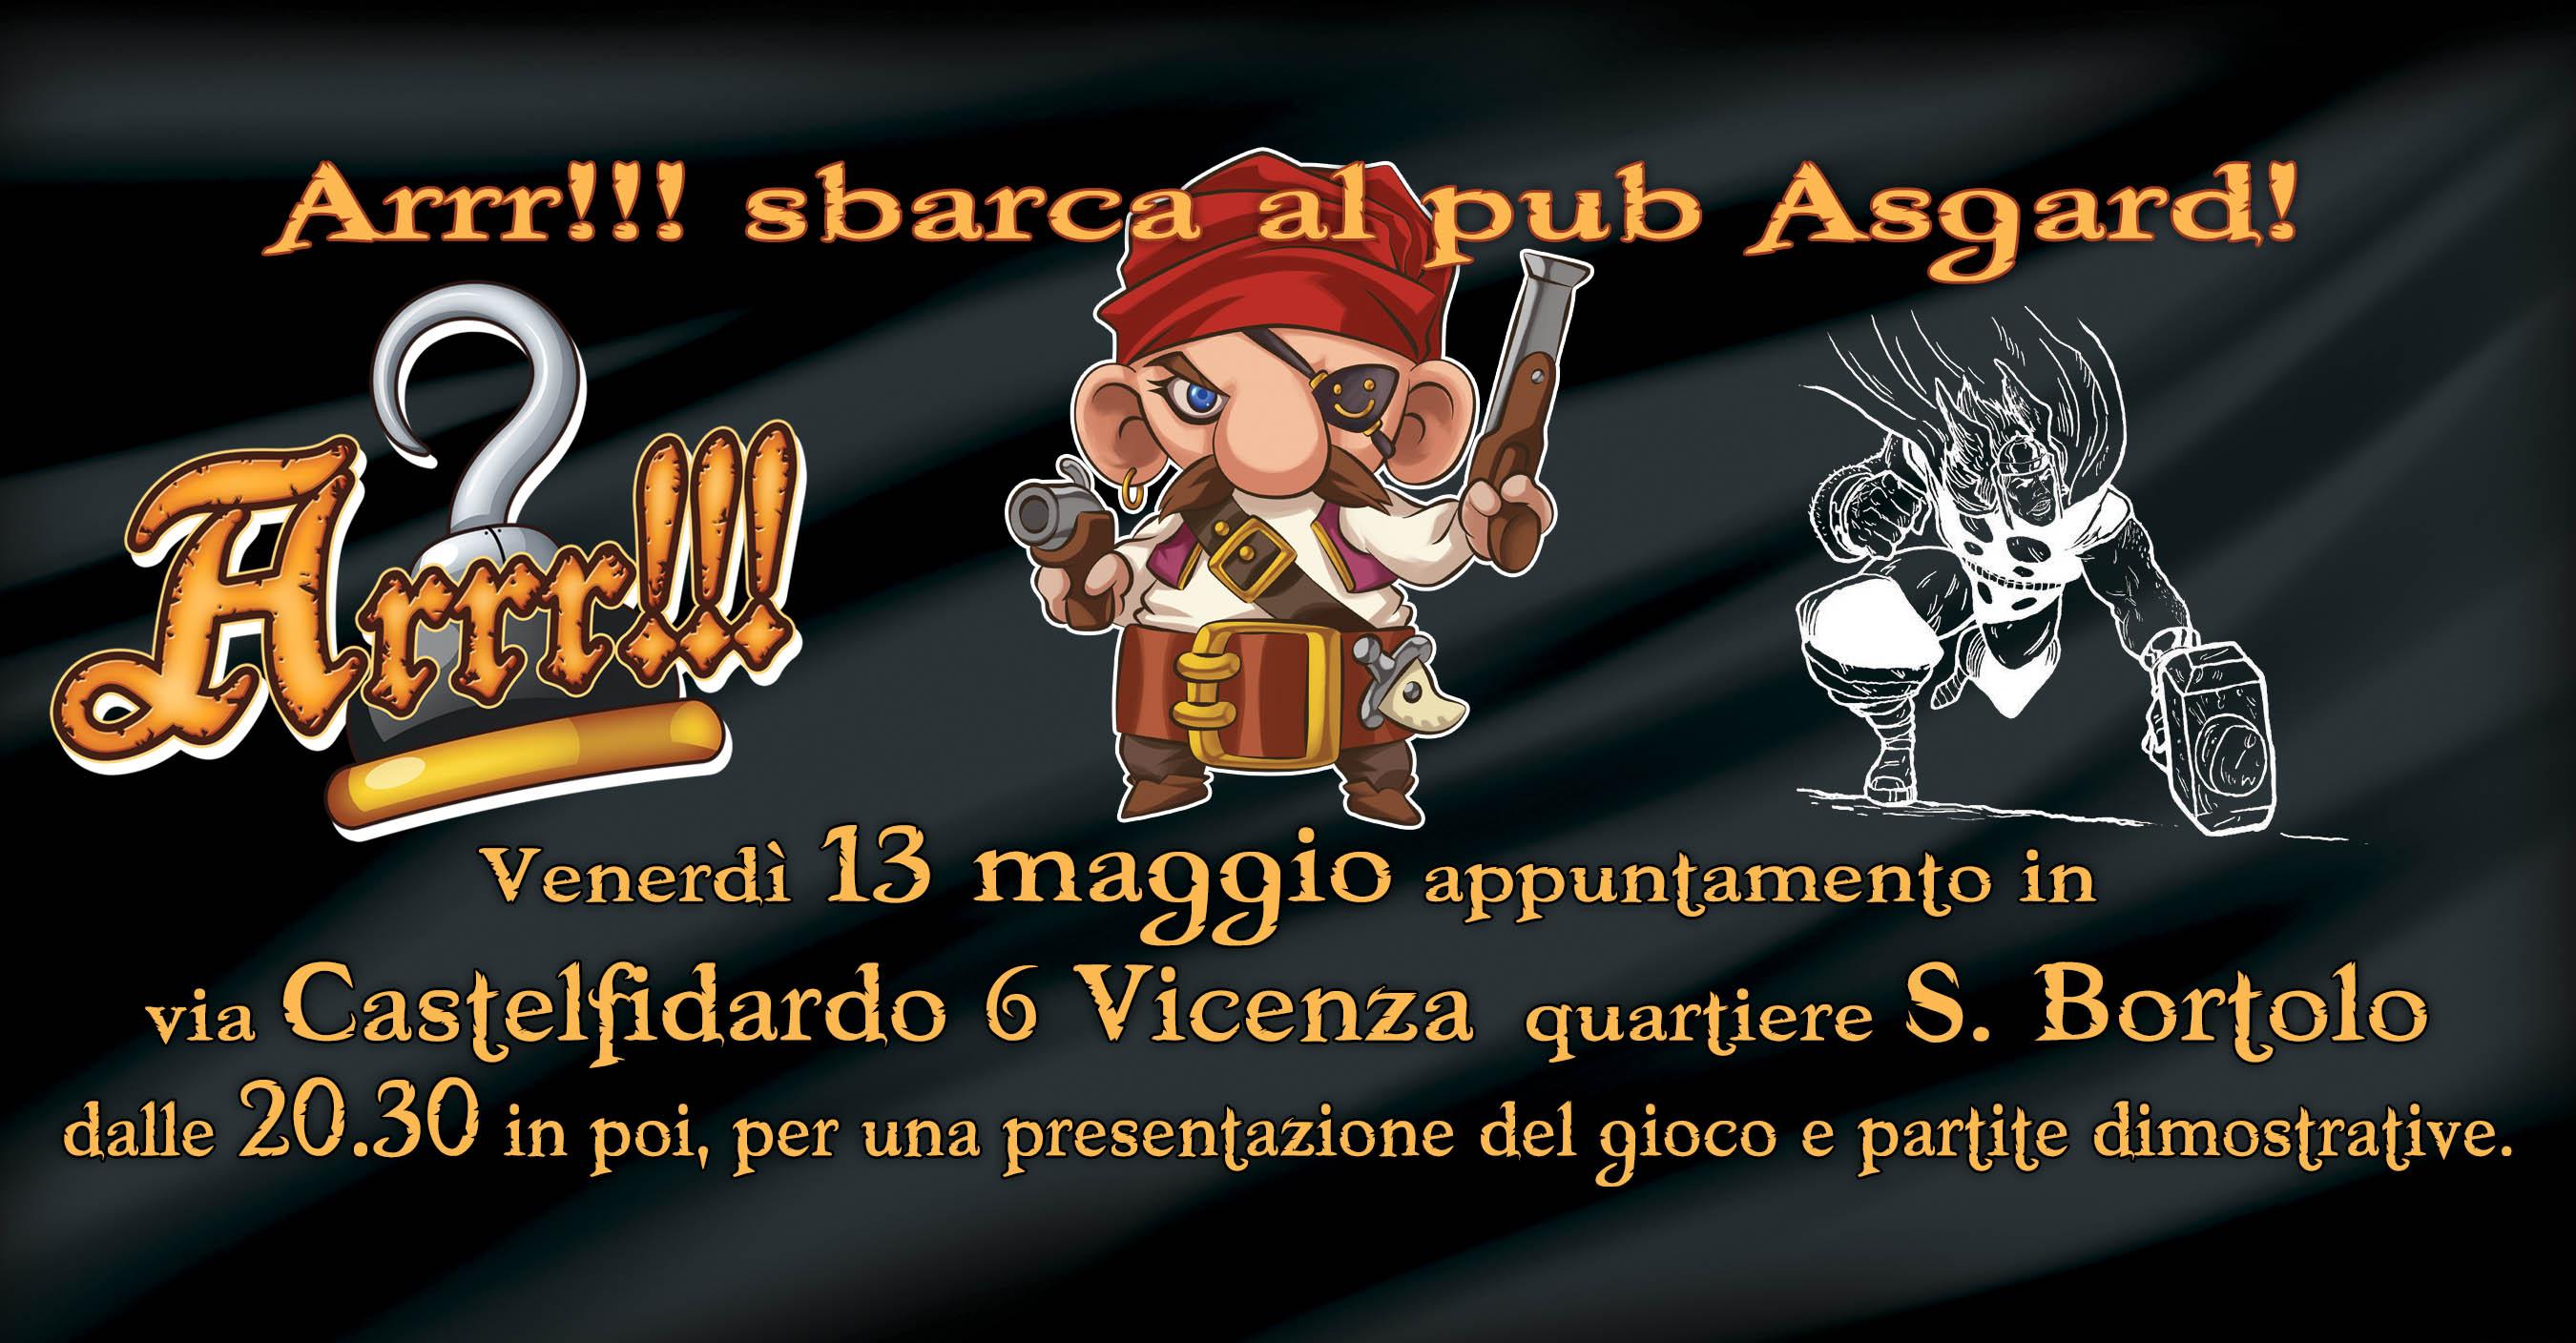 pub asgard